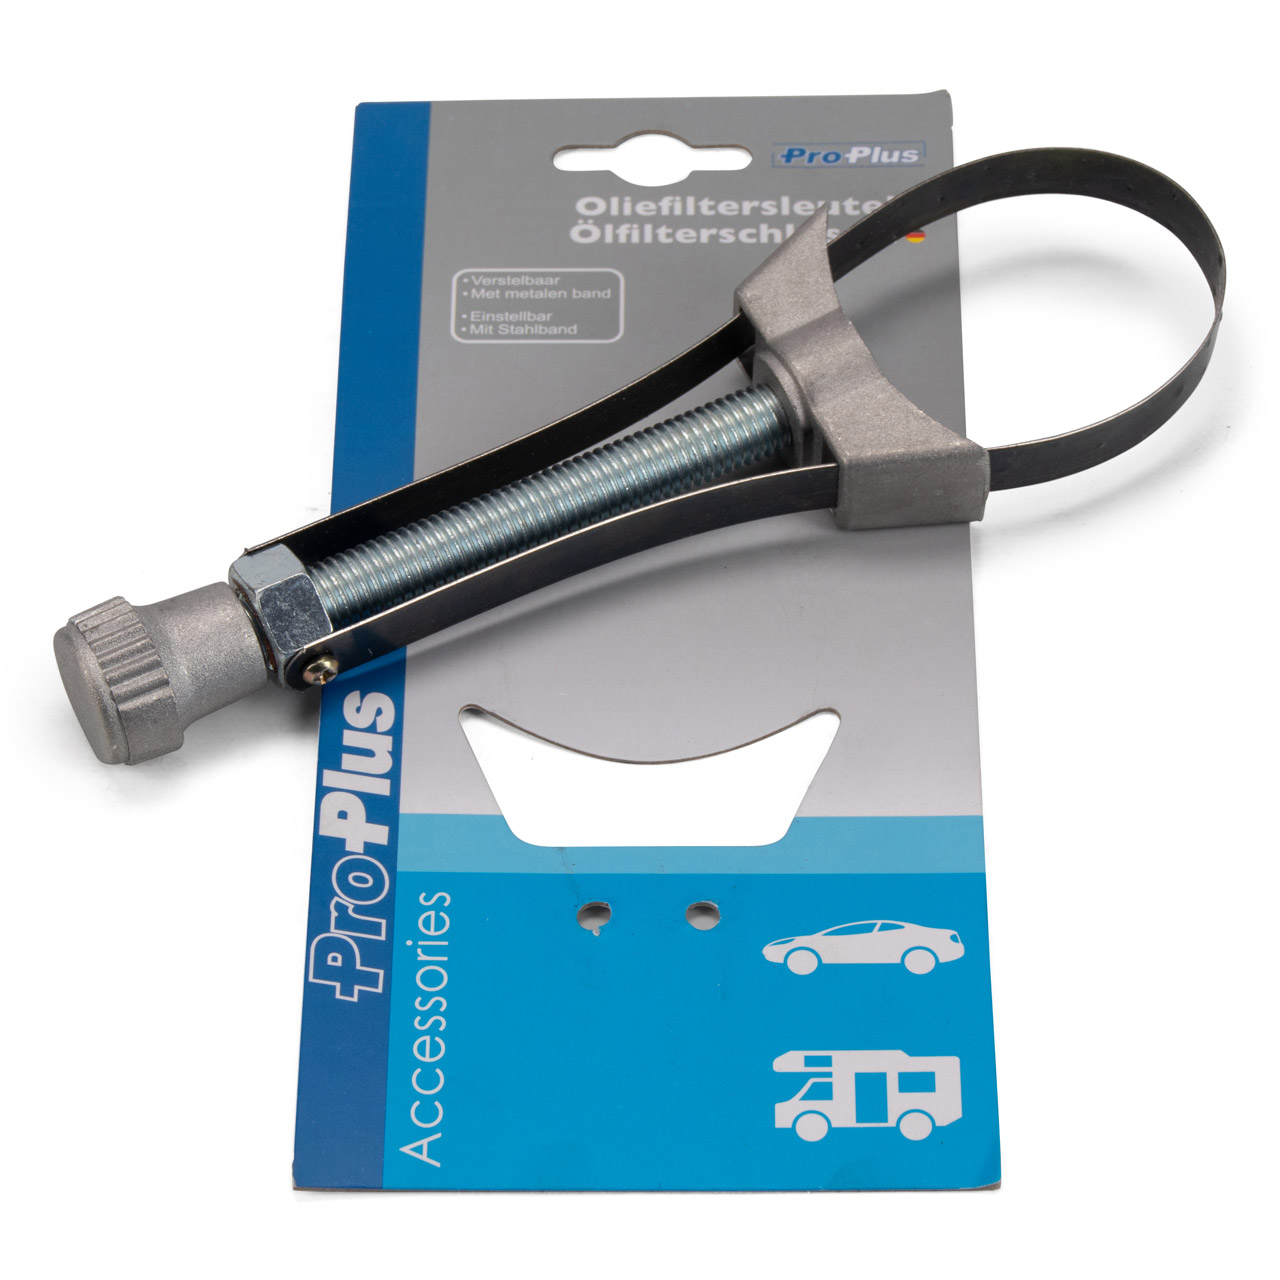 PROPLUS Universal Ölfilterband Ölfilterschlüssel einstellbar mit Stahlband